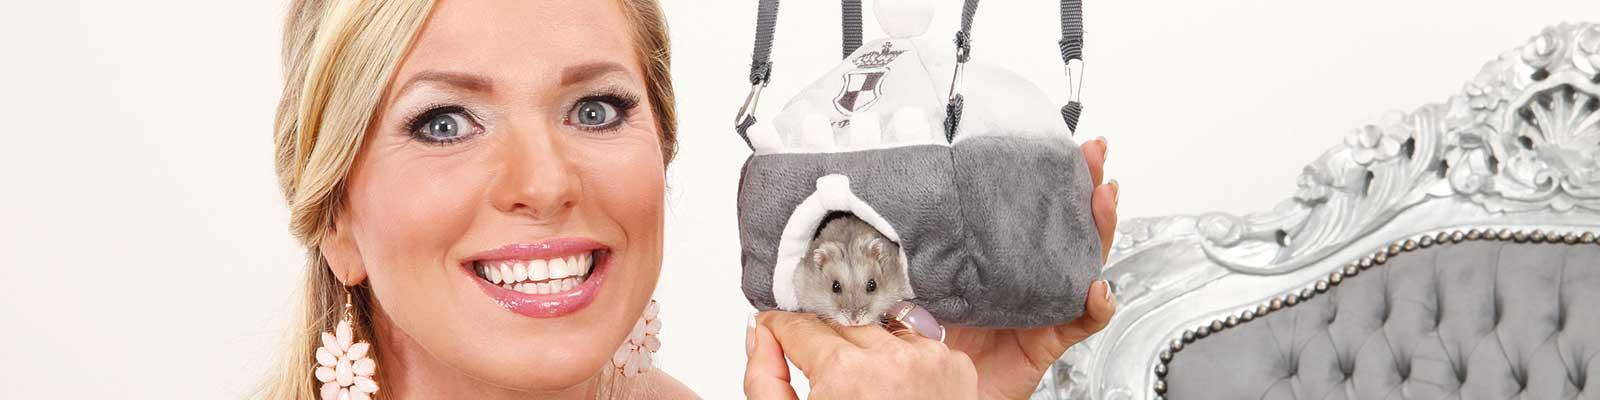 Maja Prinzessin von Hohenzollern Kollektion für Kleintiere und Nager, Bild 1